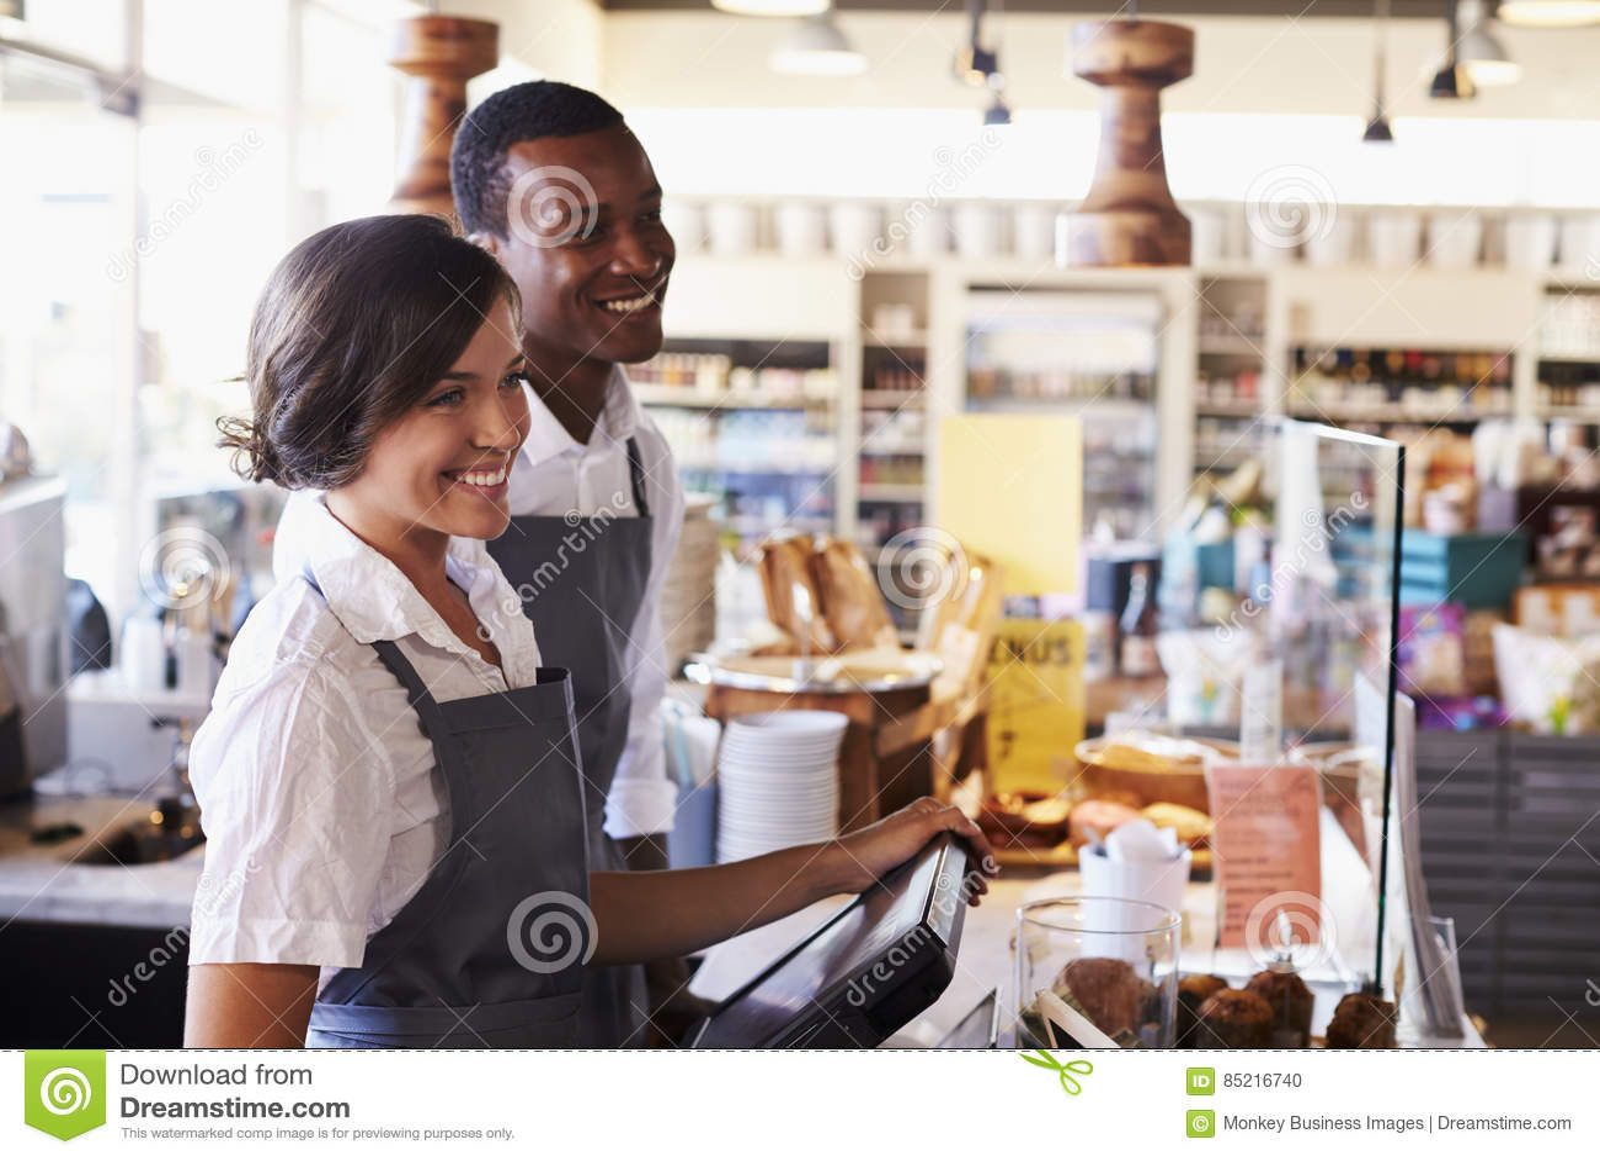 Εξυπηρετώντας πελάτες προσωπικού στον έλεγχο λιχουδιών